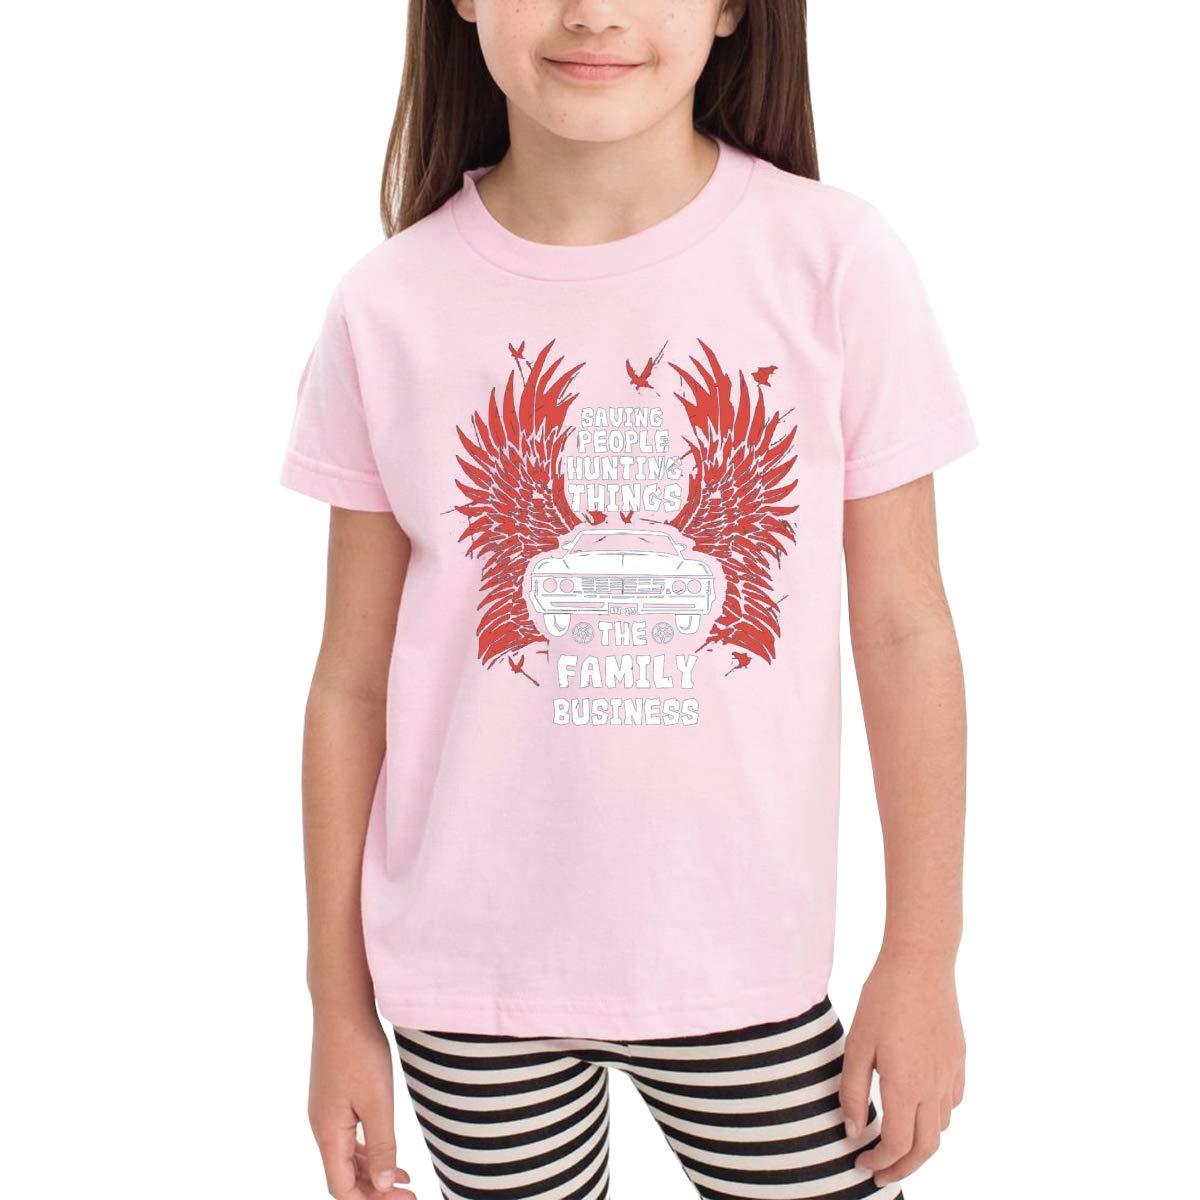 Kids T-Shirt Tops Black Supernatural Unisex Youths Short Sleeve T-Shirt